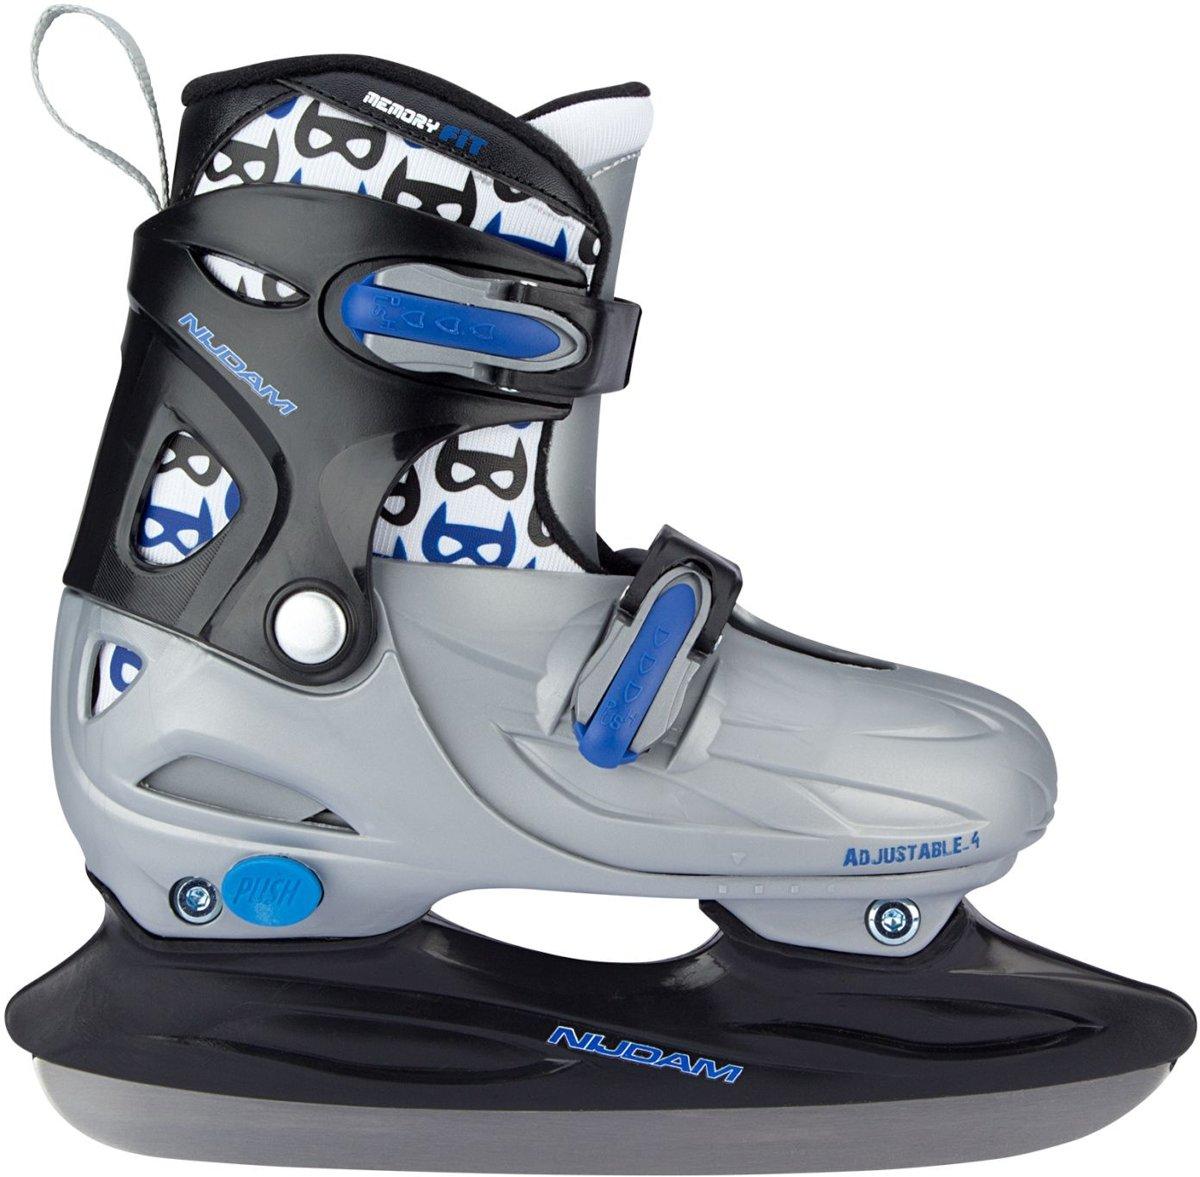 Nijdam Junior IJshockeyschaats Junior Verstelbaar - Hardboot - Zwart/Blauw - 34-37